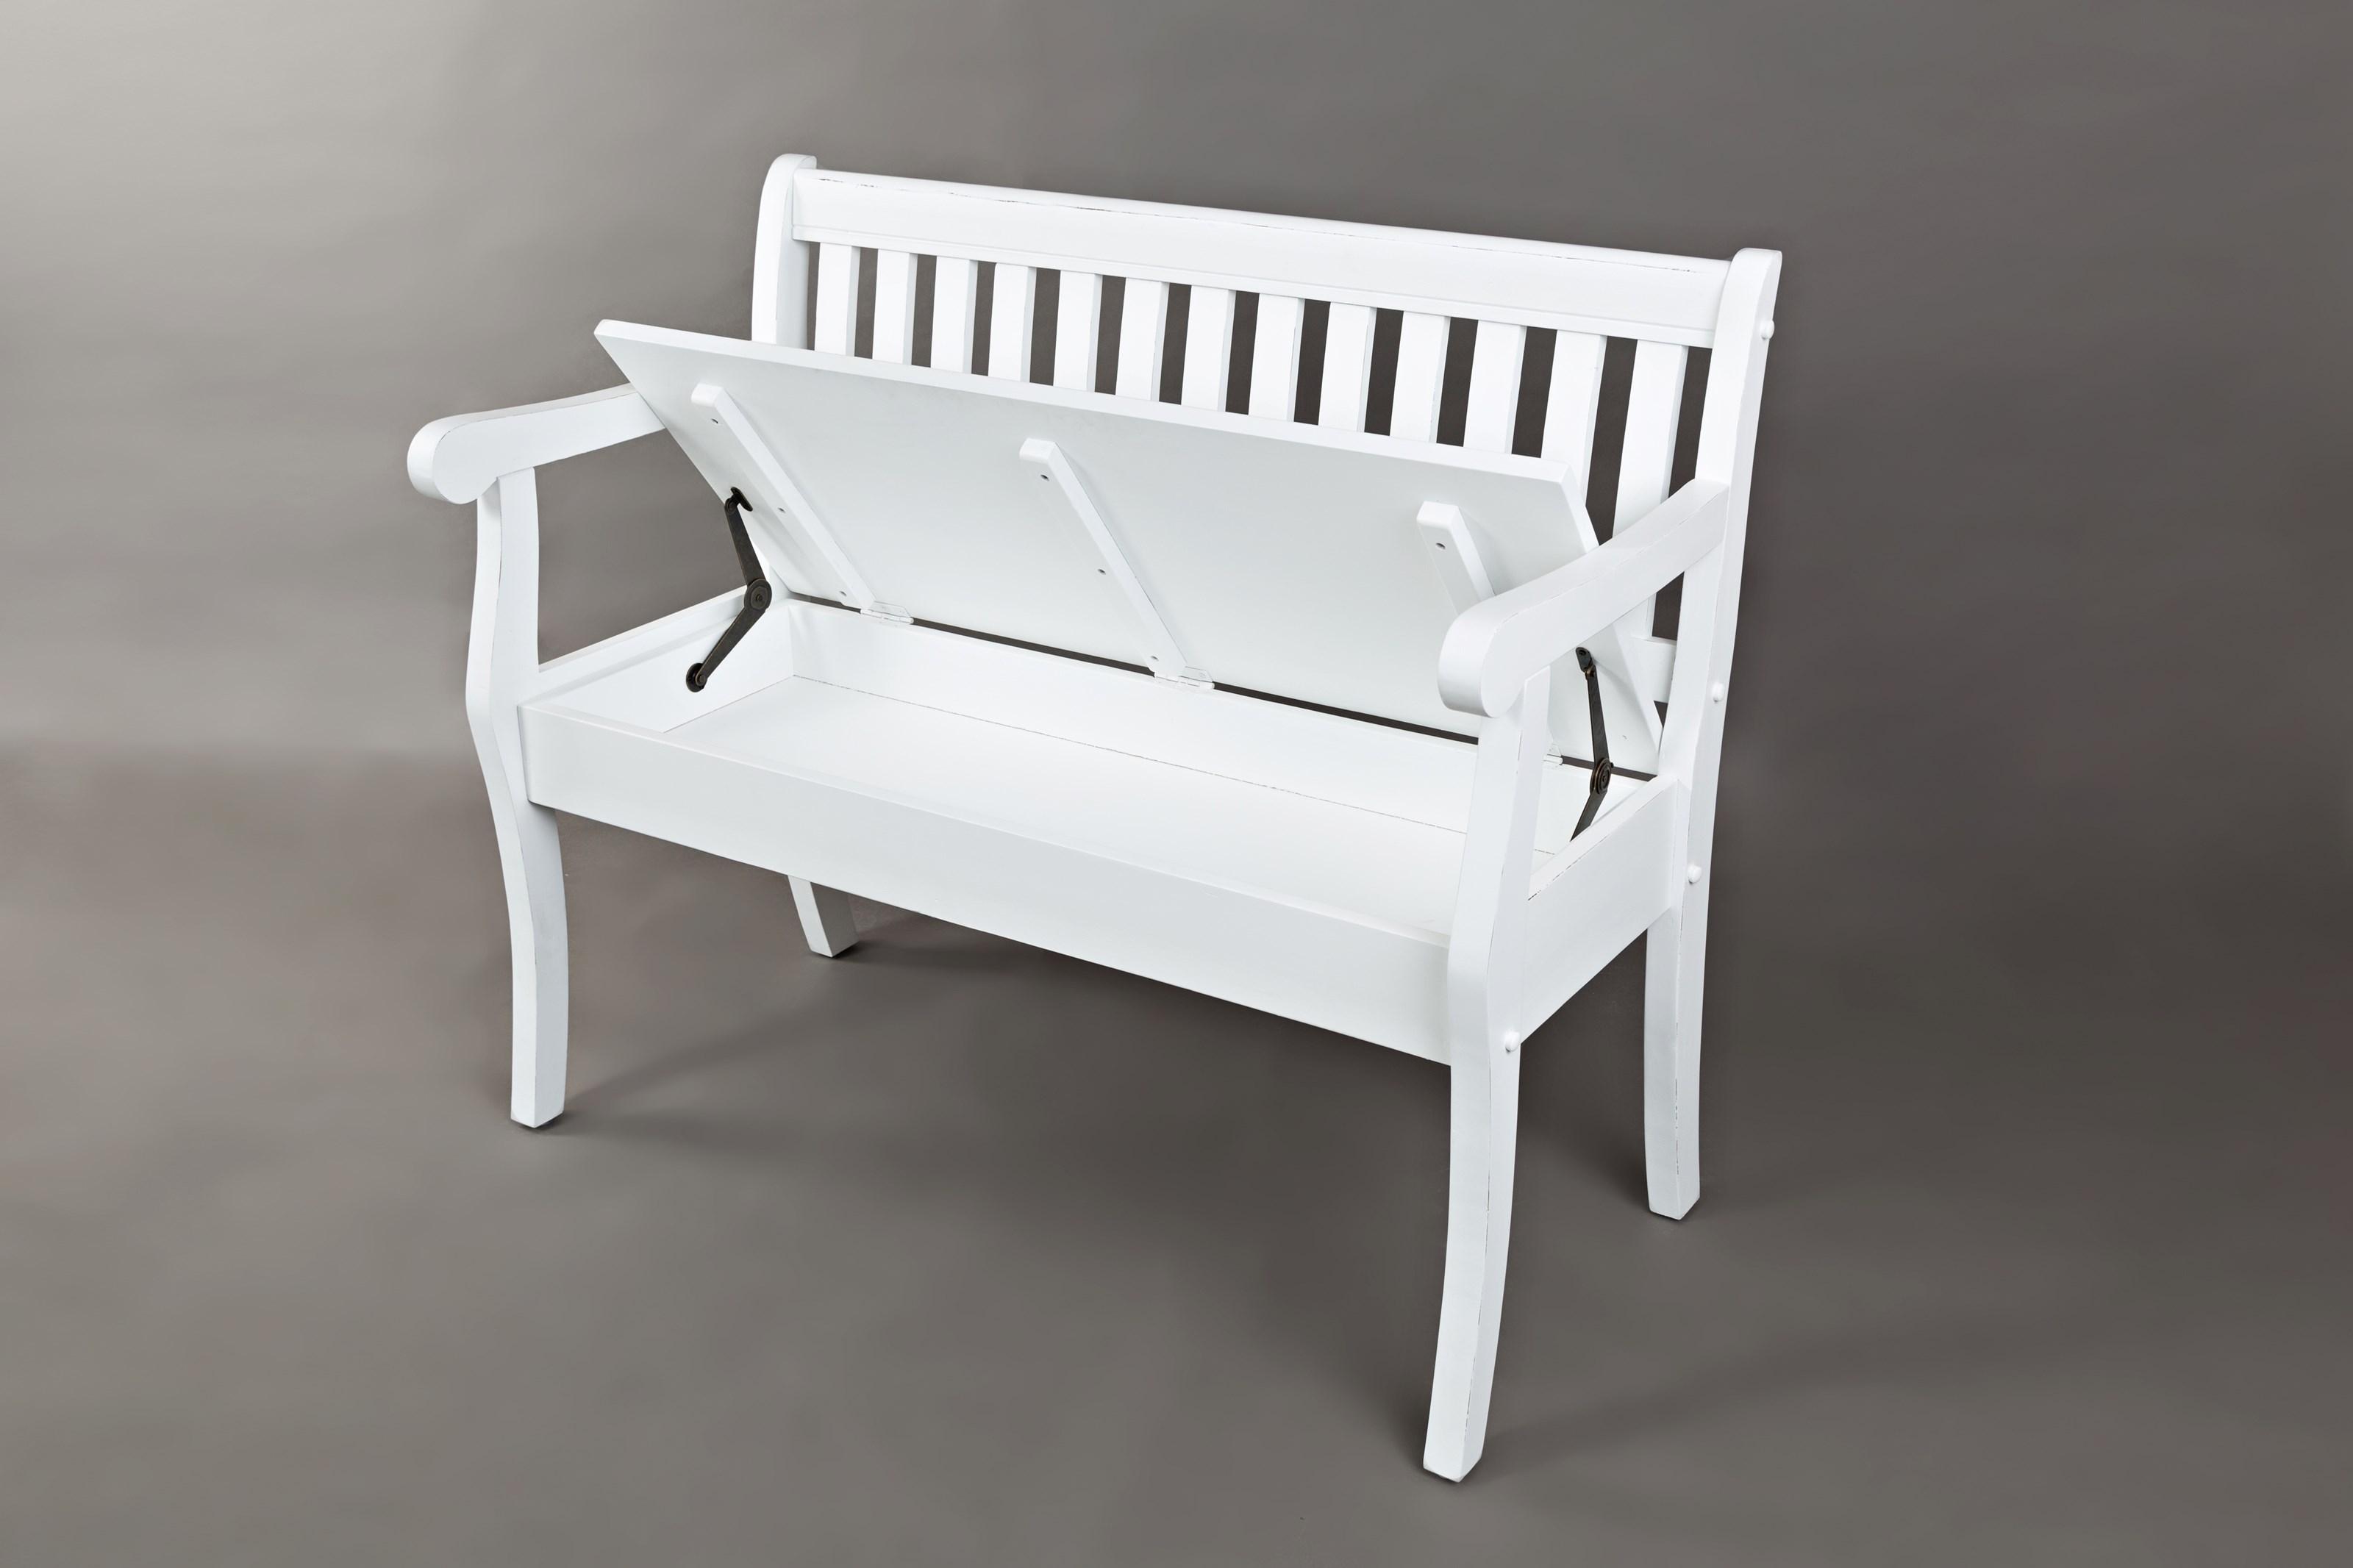 Jofran Artisan S Craft Storage Bench Vandrie Home